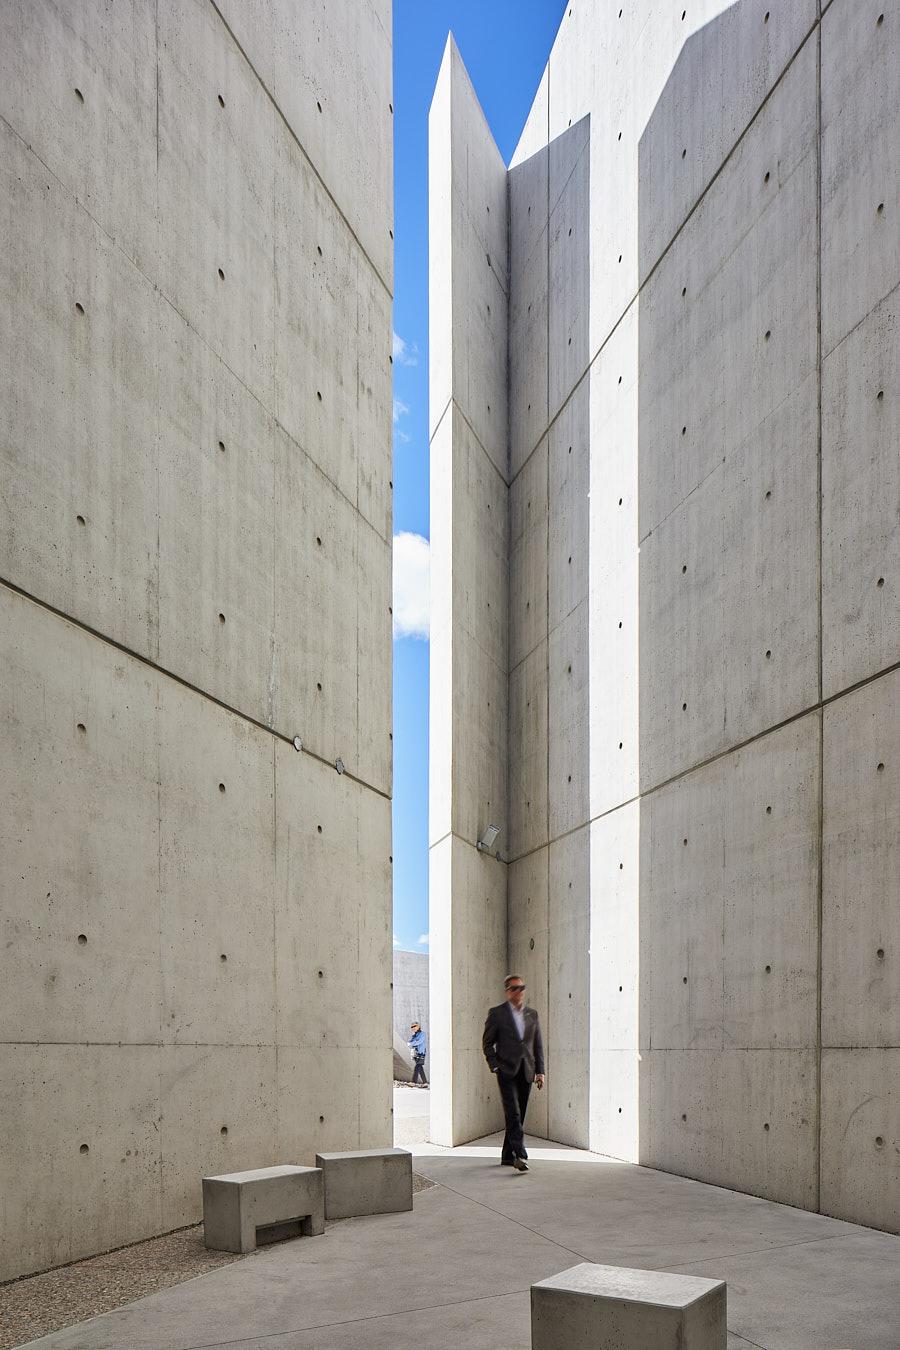 068-Libeskind-Holocaust-Monument.jpg